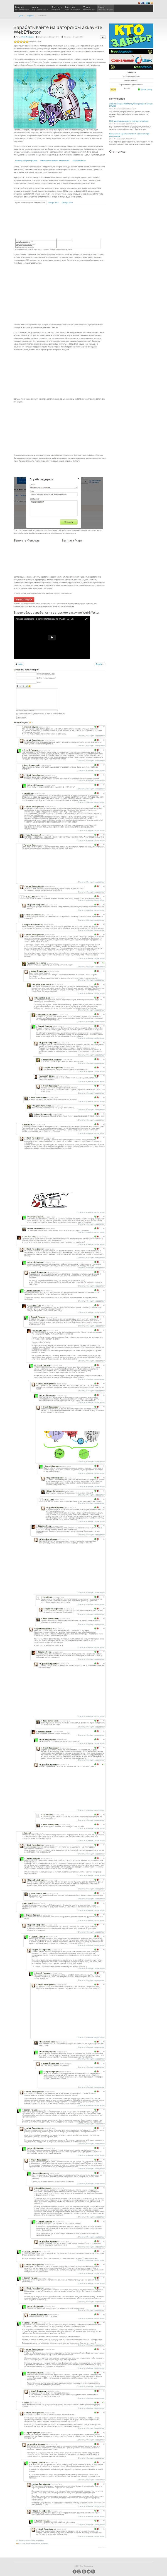 Здравствуйте друзья! Примерно пол года назад, комментируя блоги я не один раз встречал информацию о том, что возможно зарабатывать деньги размещая подписи на форумах, публикуя статьи на своем блоге и даже размещая посты в социальных сетях или комментарии на других блогах. Но, как-то я не придавал этому значения, хотя здравый смысл подсказывал что пора уже уделить этому внимание.